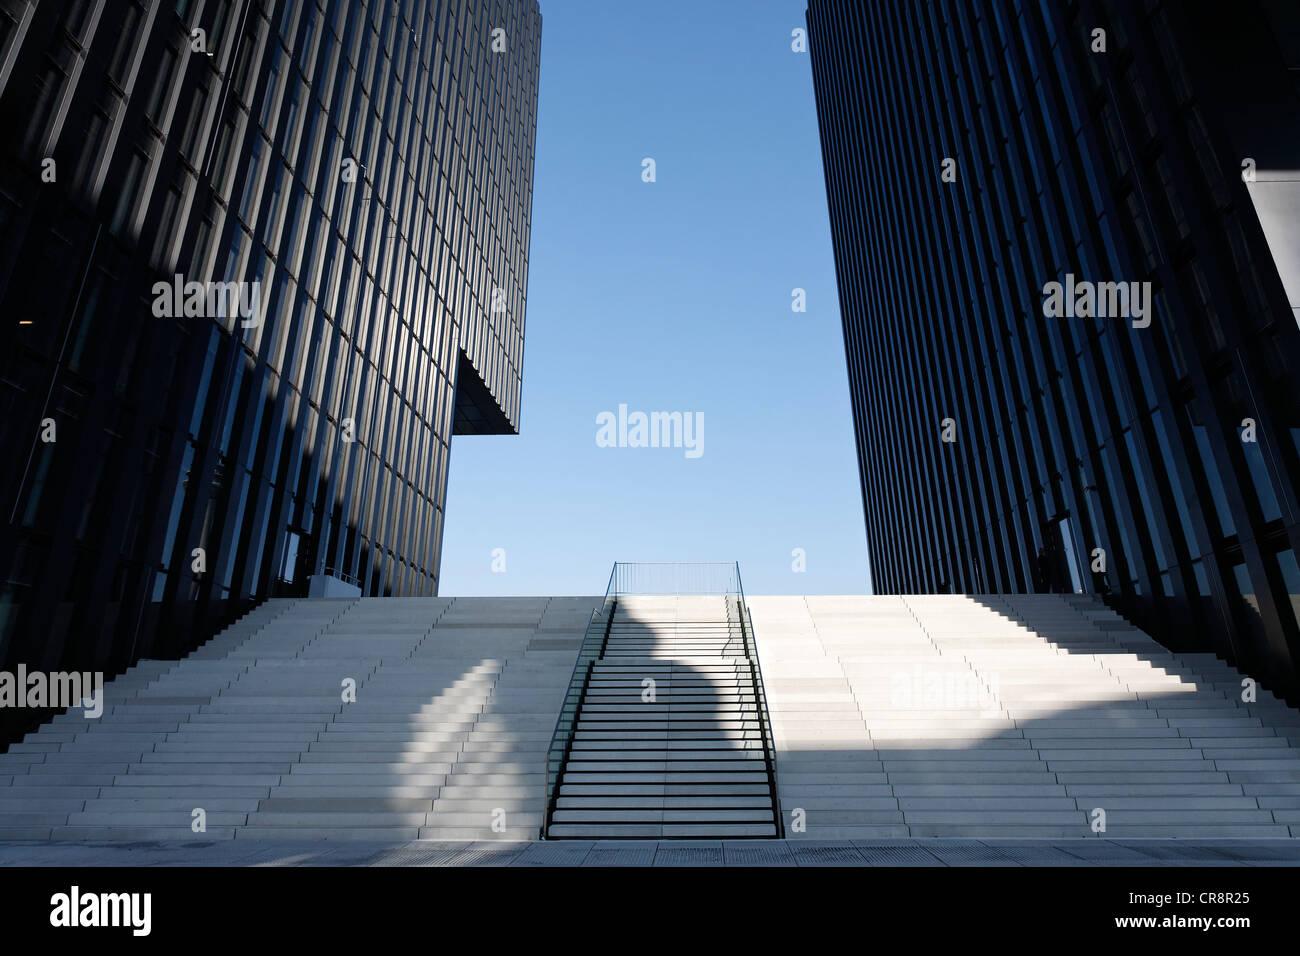 Wide flight of stairs leading upwards between two skyscrapers, Hafenspitze, Medienhafen harbour, Duesseldorf - Stock Image